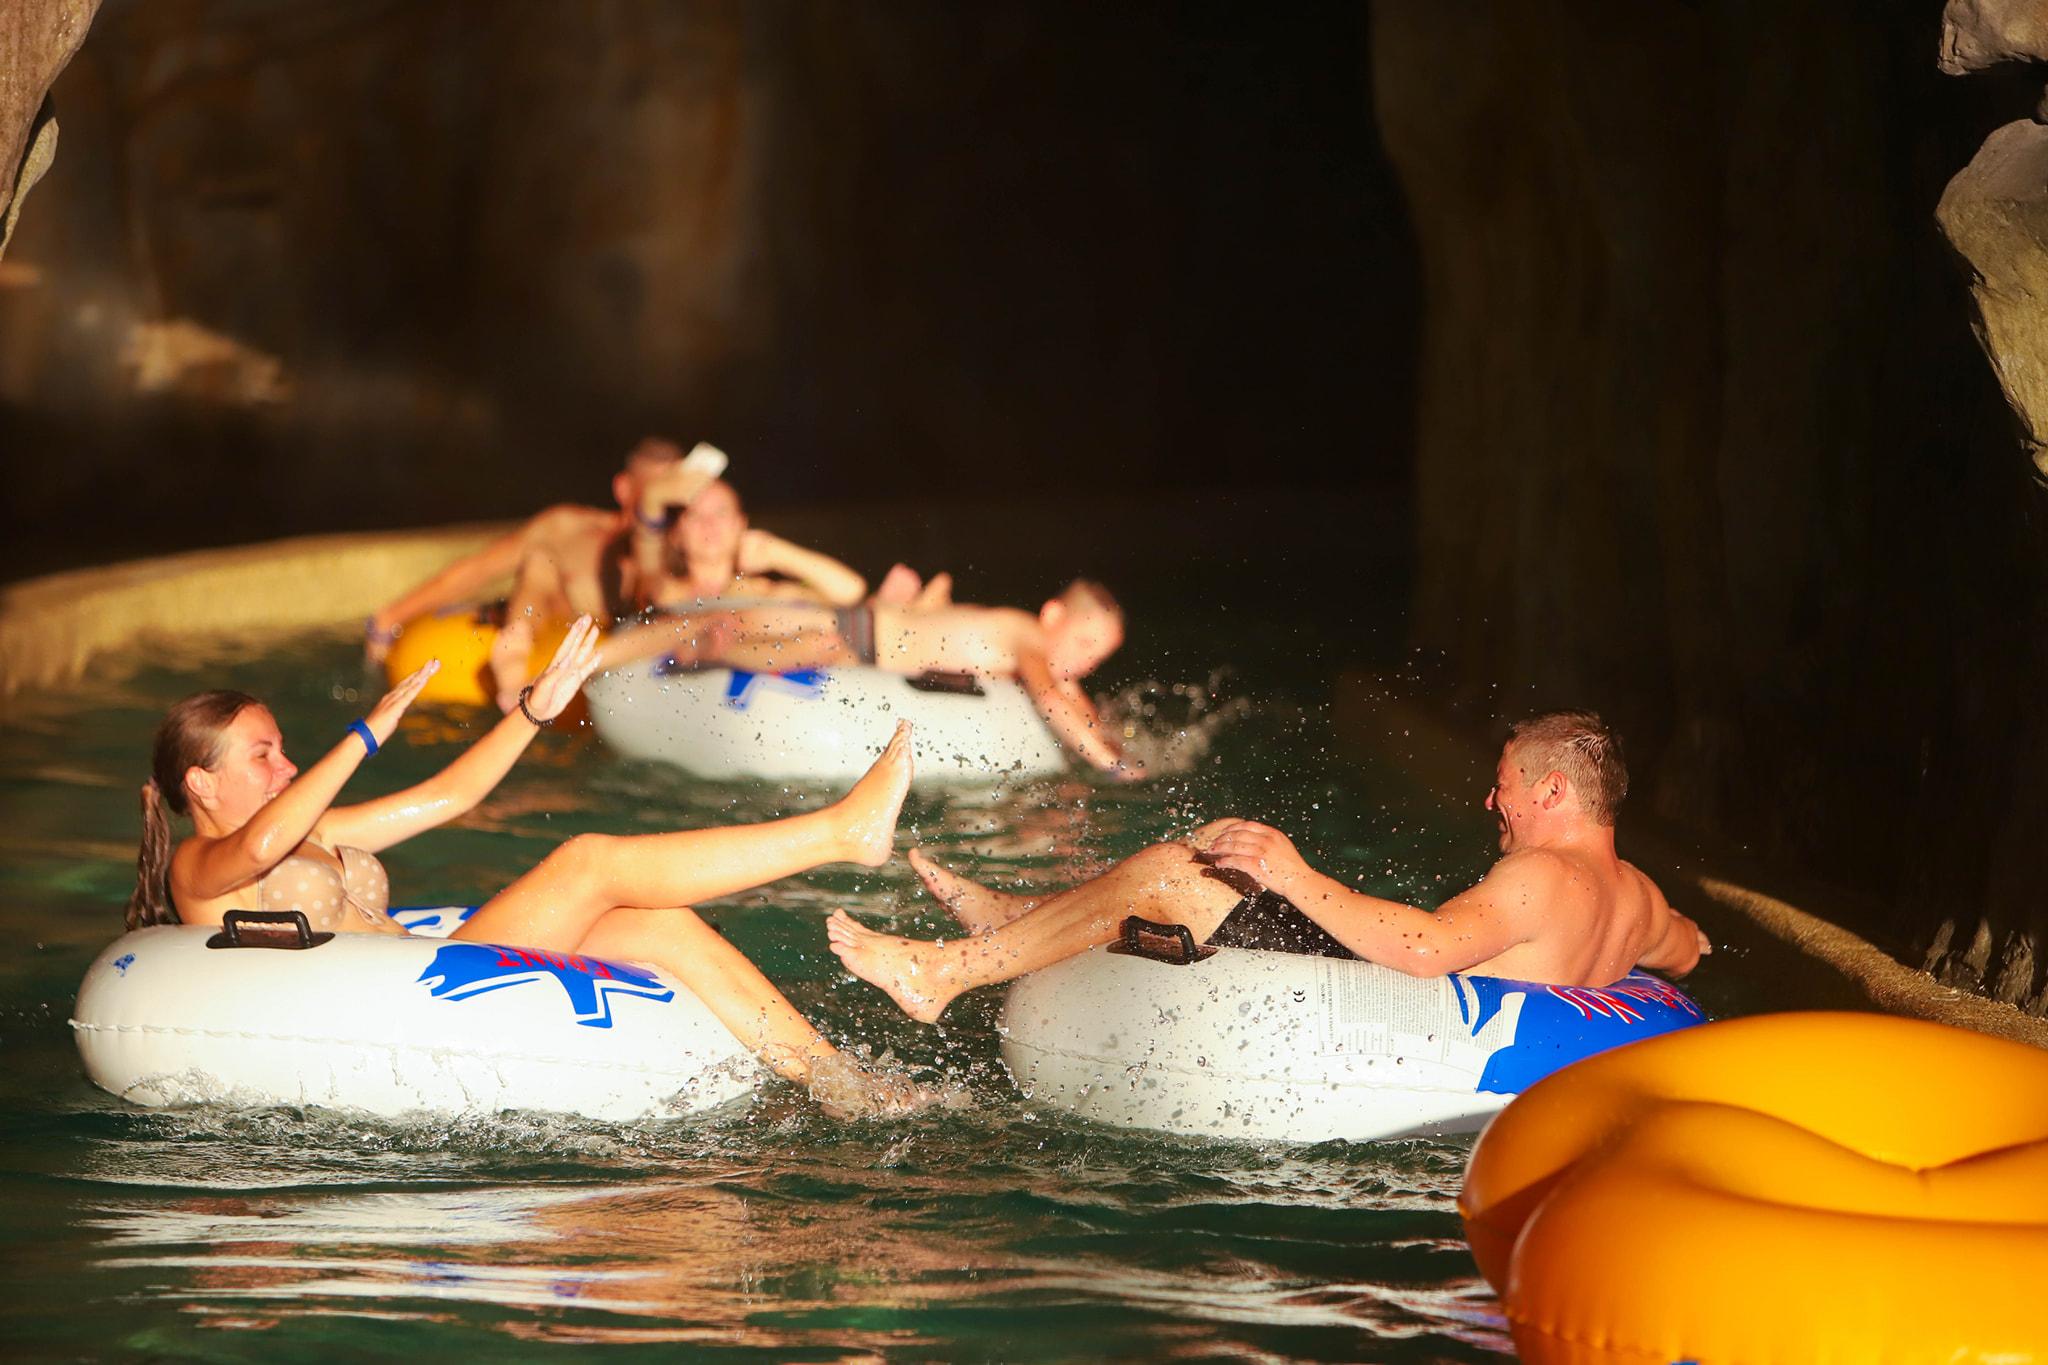 """Ще одна перевагу аквапарку """"Карпатія"""" в Мукачево це криті басейни з теплою водою, тут комфортно у осінній та зимовий період року."""